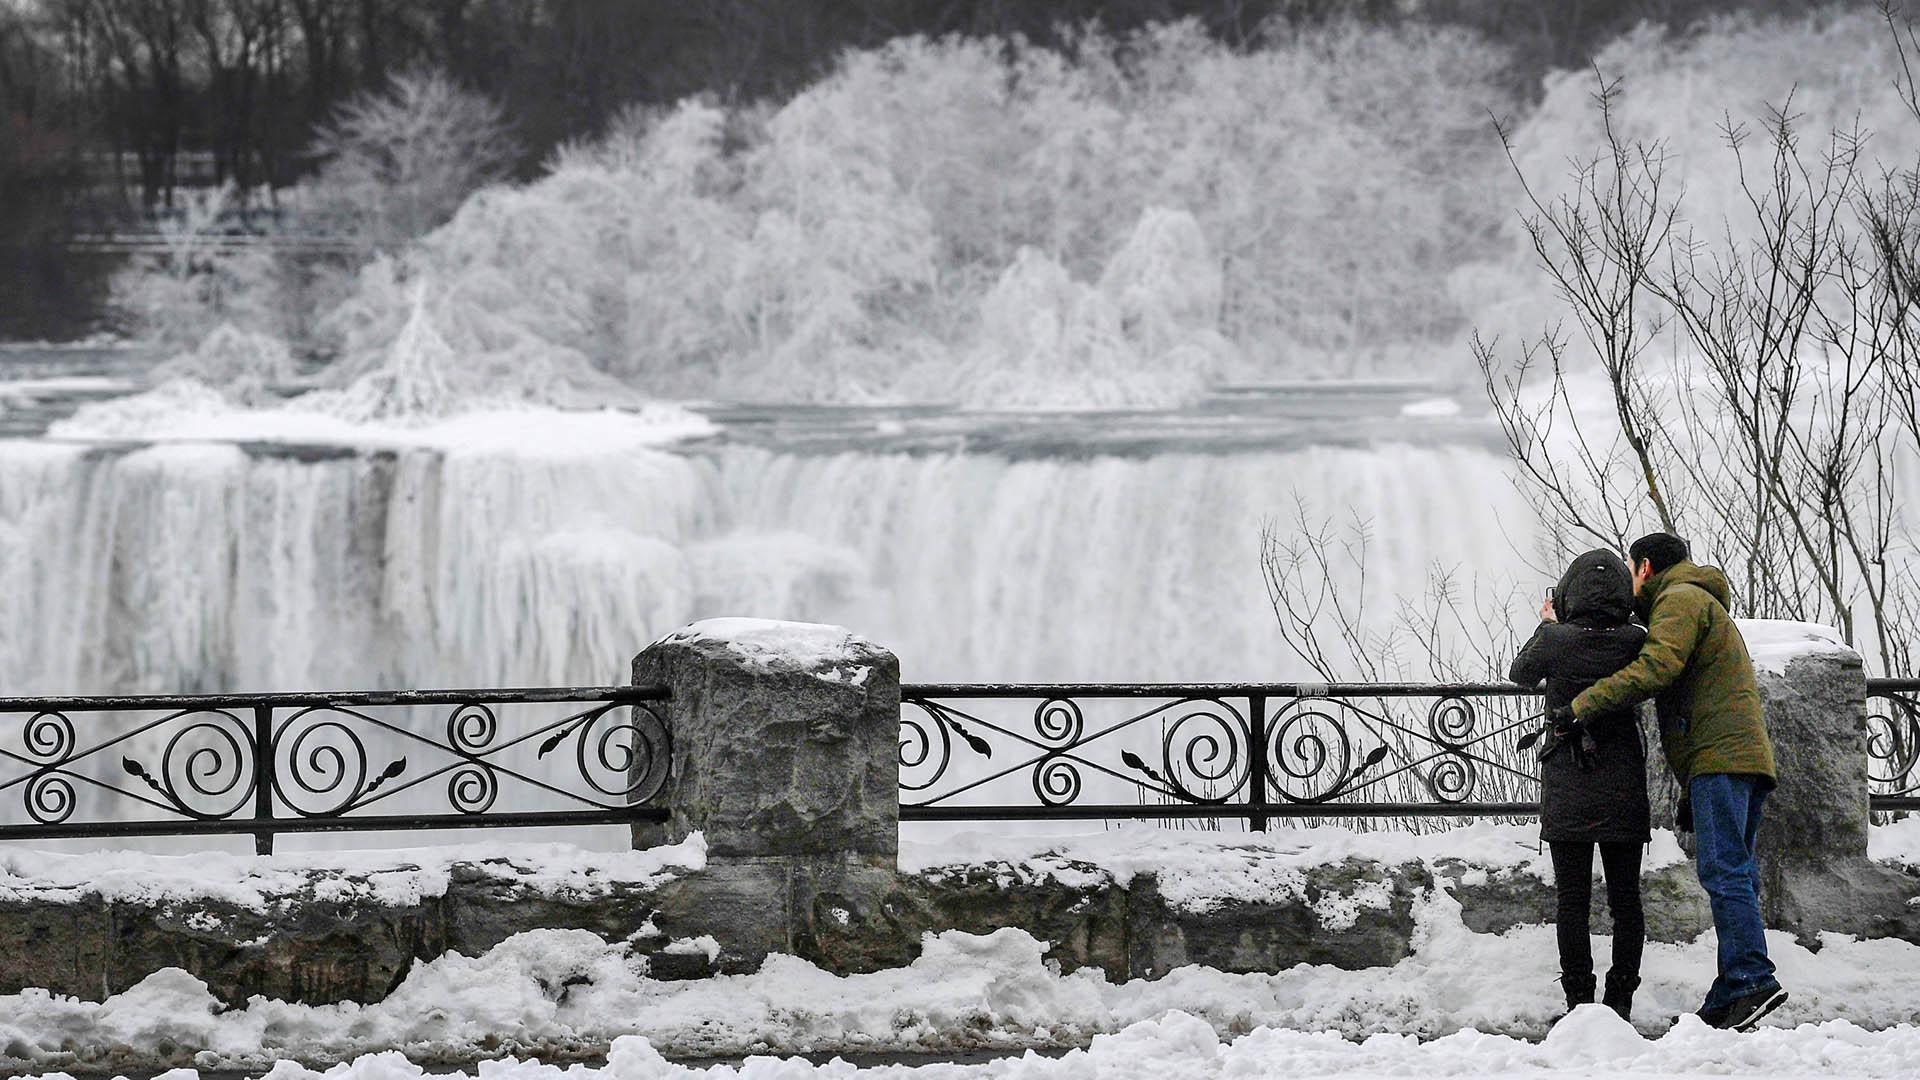 Se espera que las bajas temperaturas continúen por al menos dos semanas, por lo que el paisaje continuaría congelado